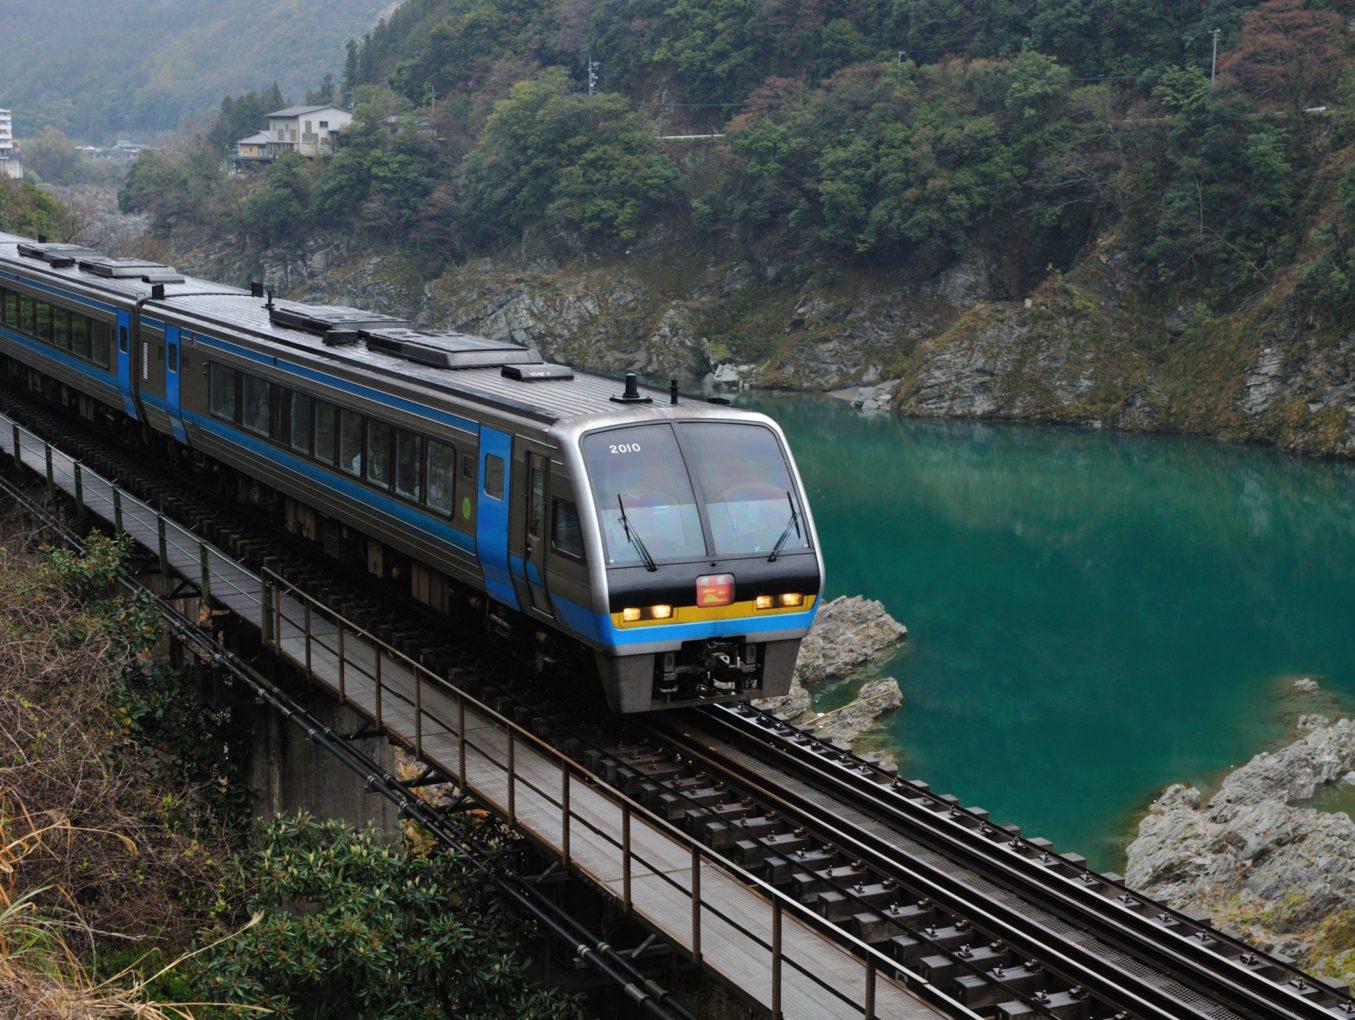 Определены самые неудобные места в поездах